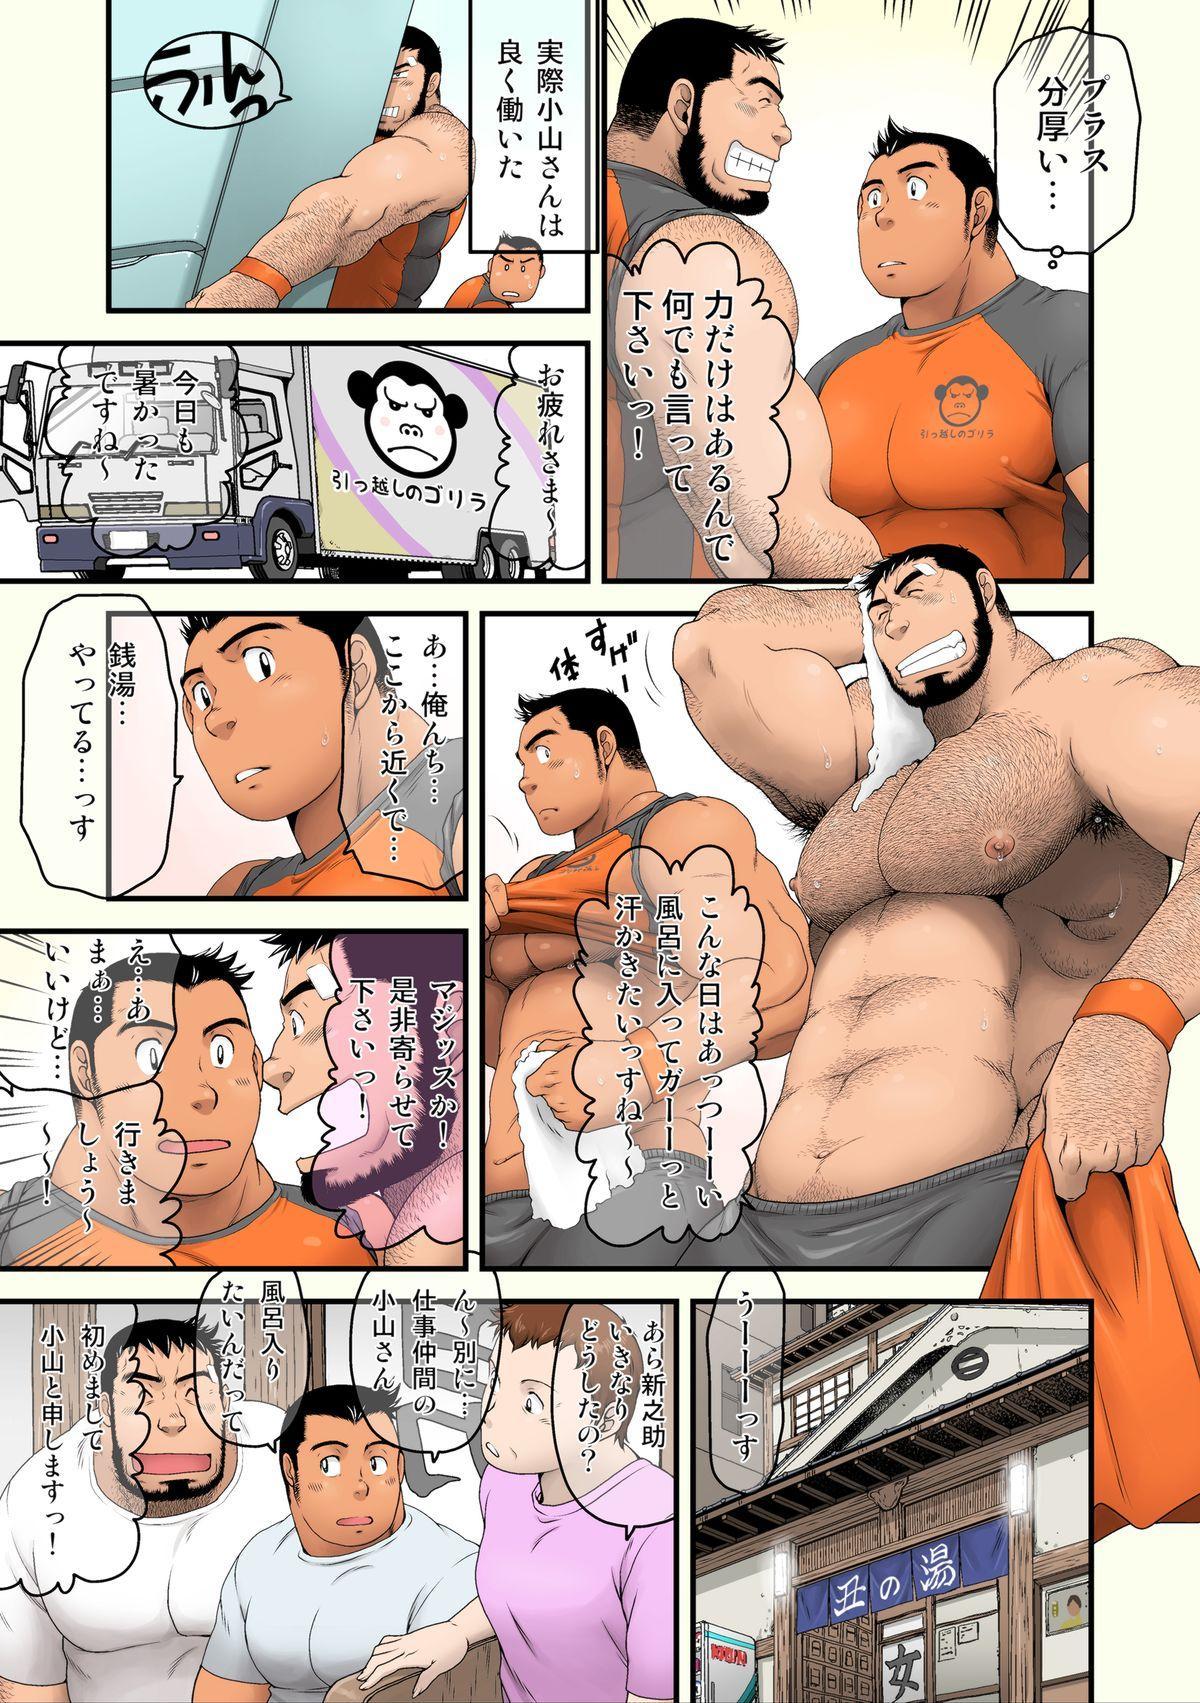 Ano Natsu Ichiban Shizuka na Umi 2